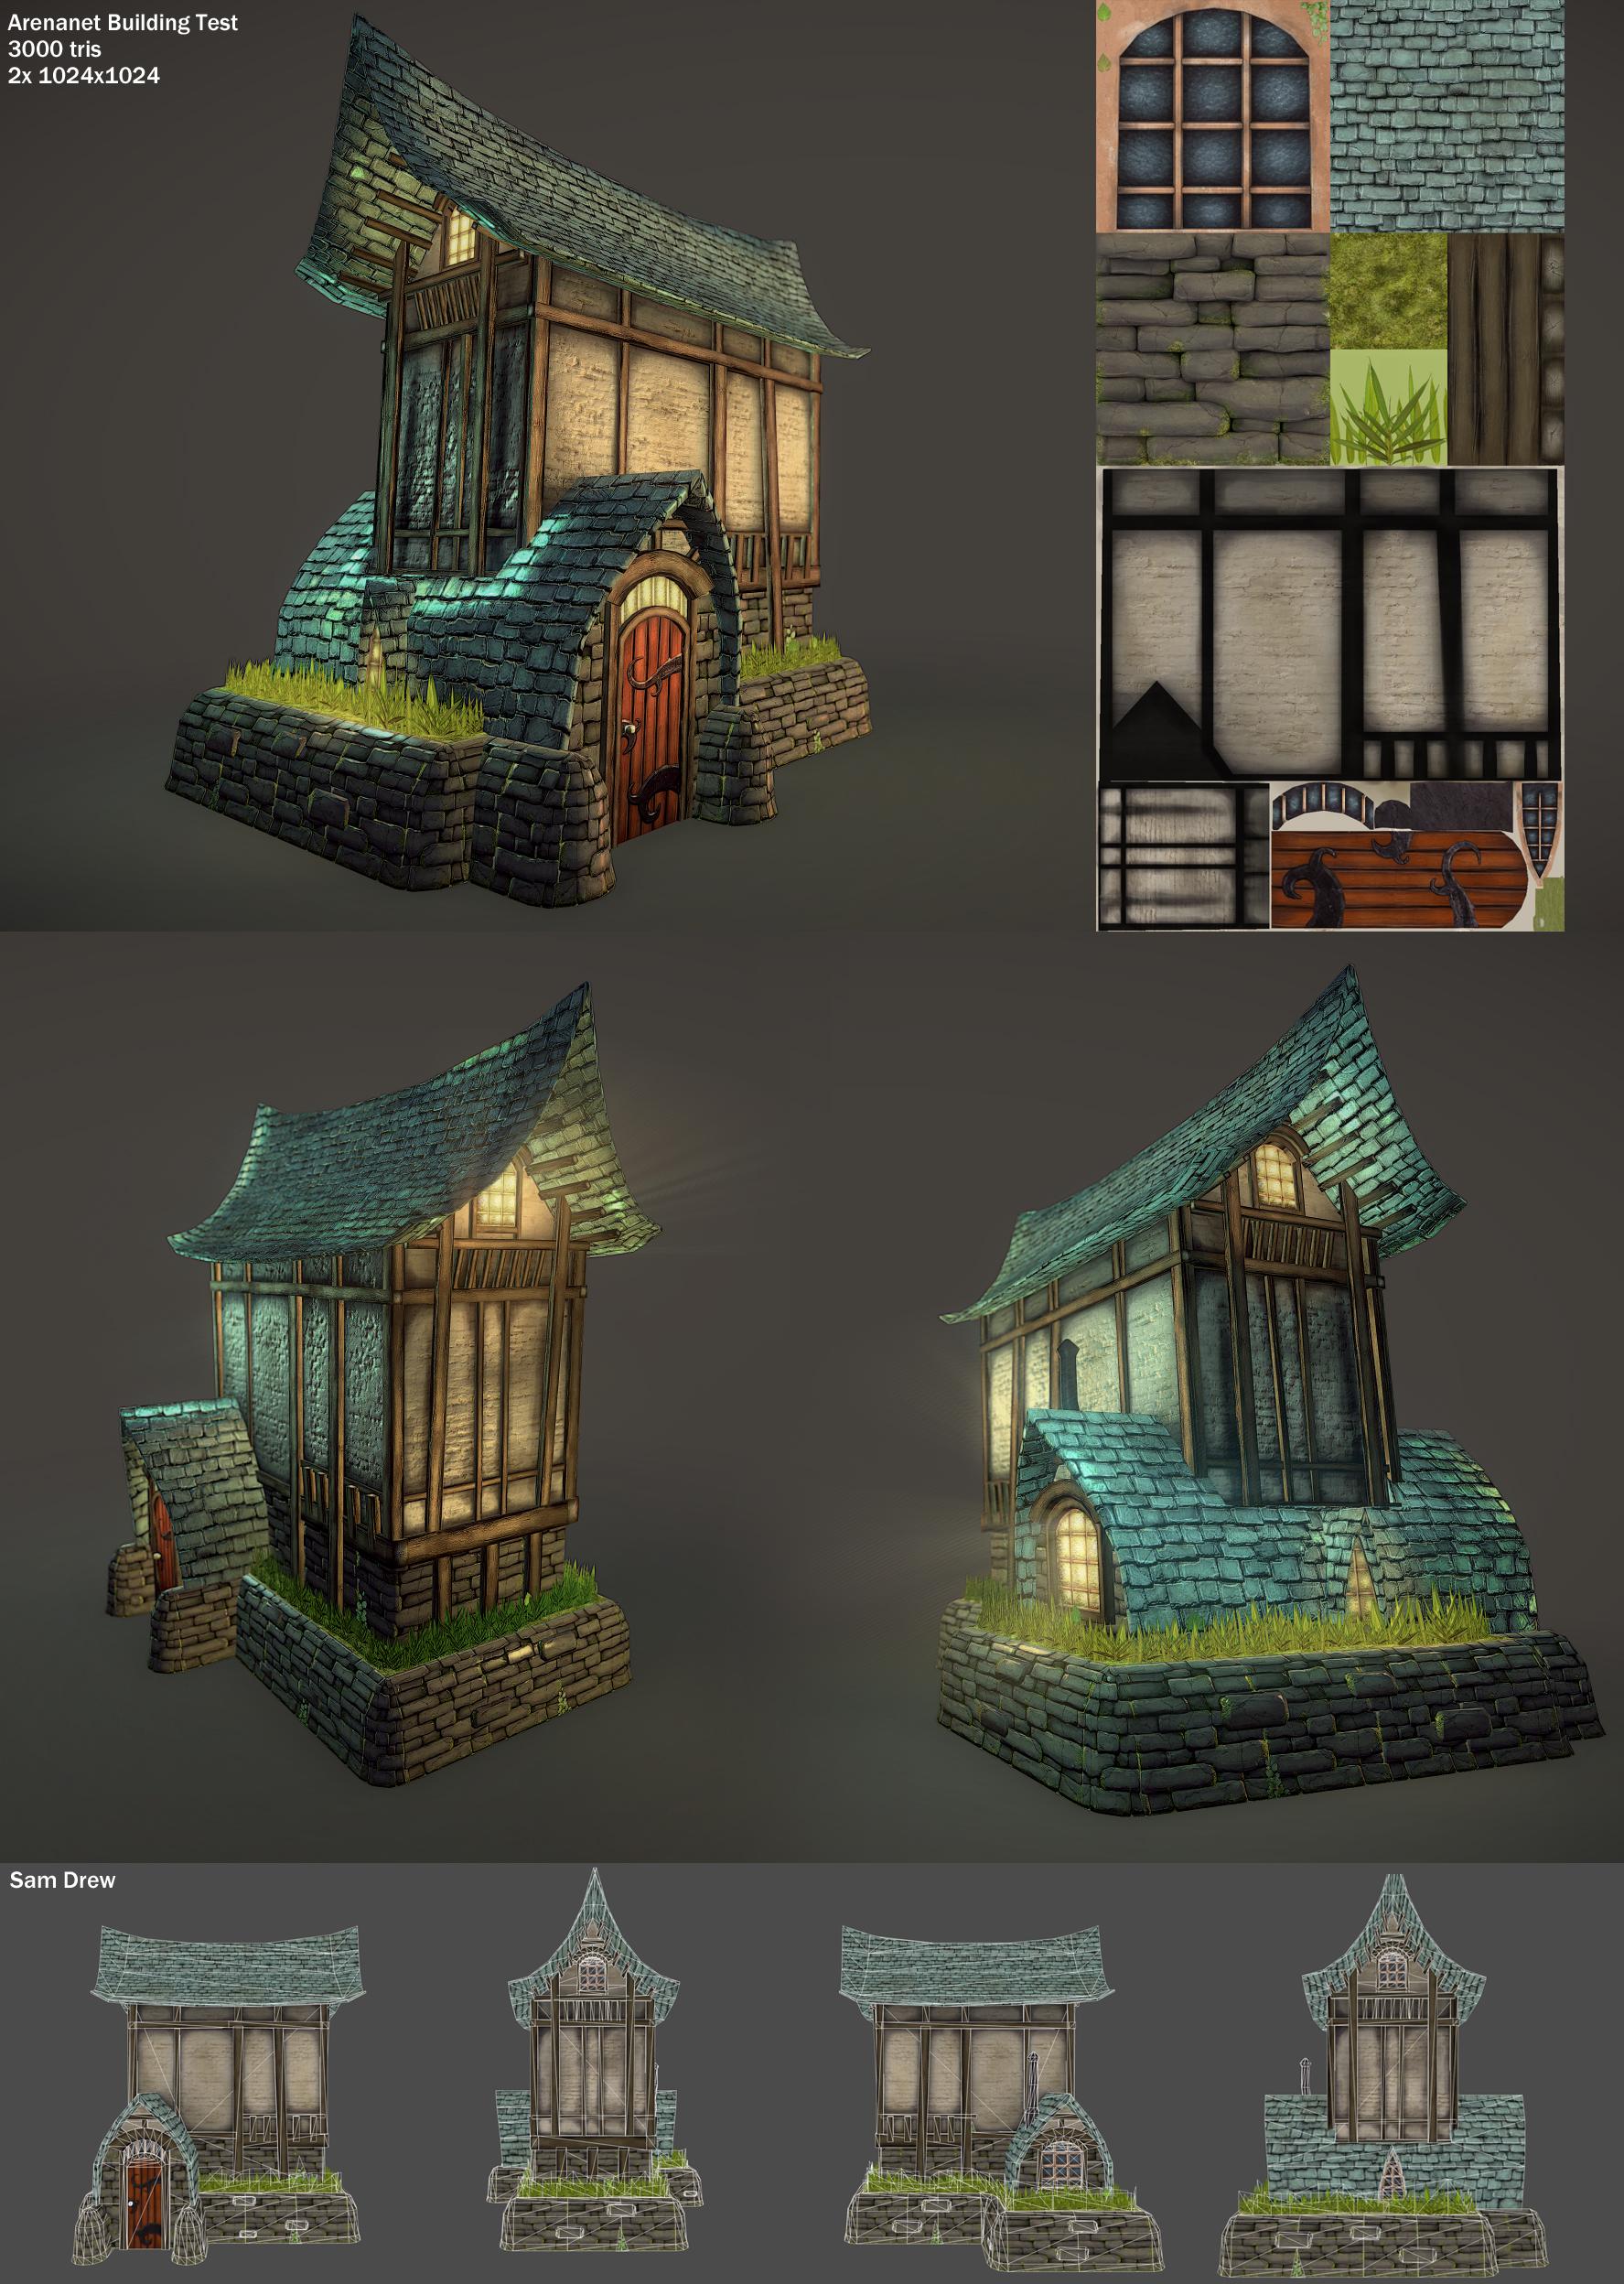 arenanet building test by samdrewpictures on deviantart. Black Bedroom Furniture Sets. Home Design Ideas